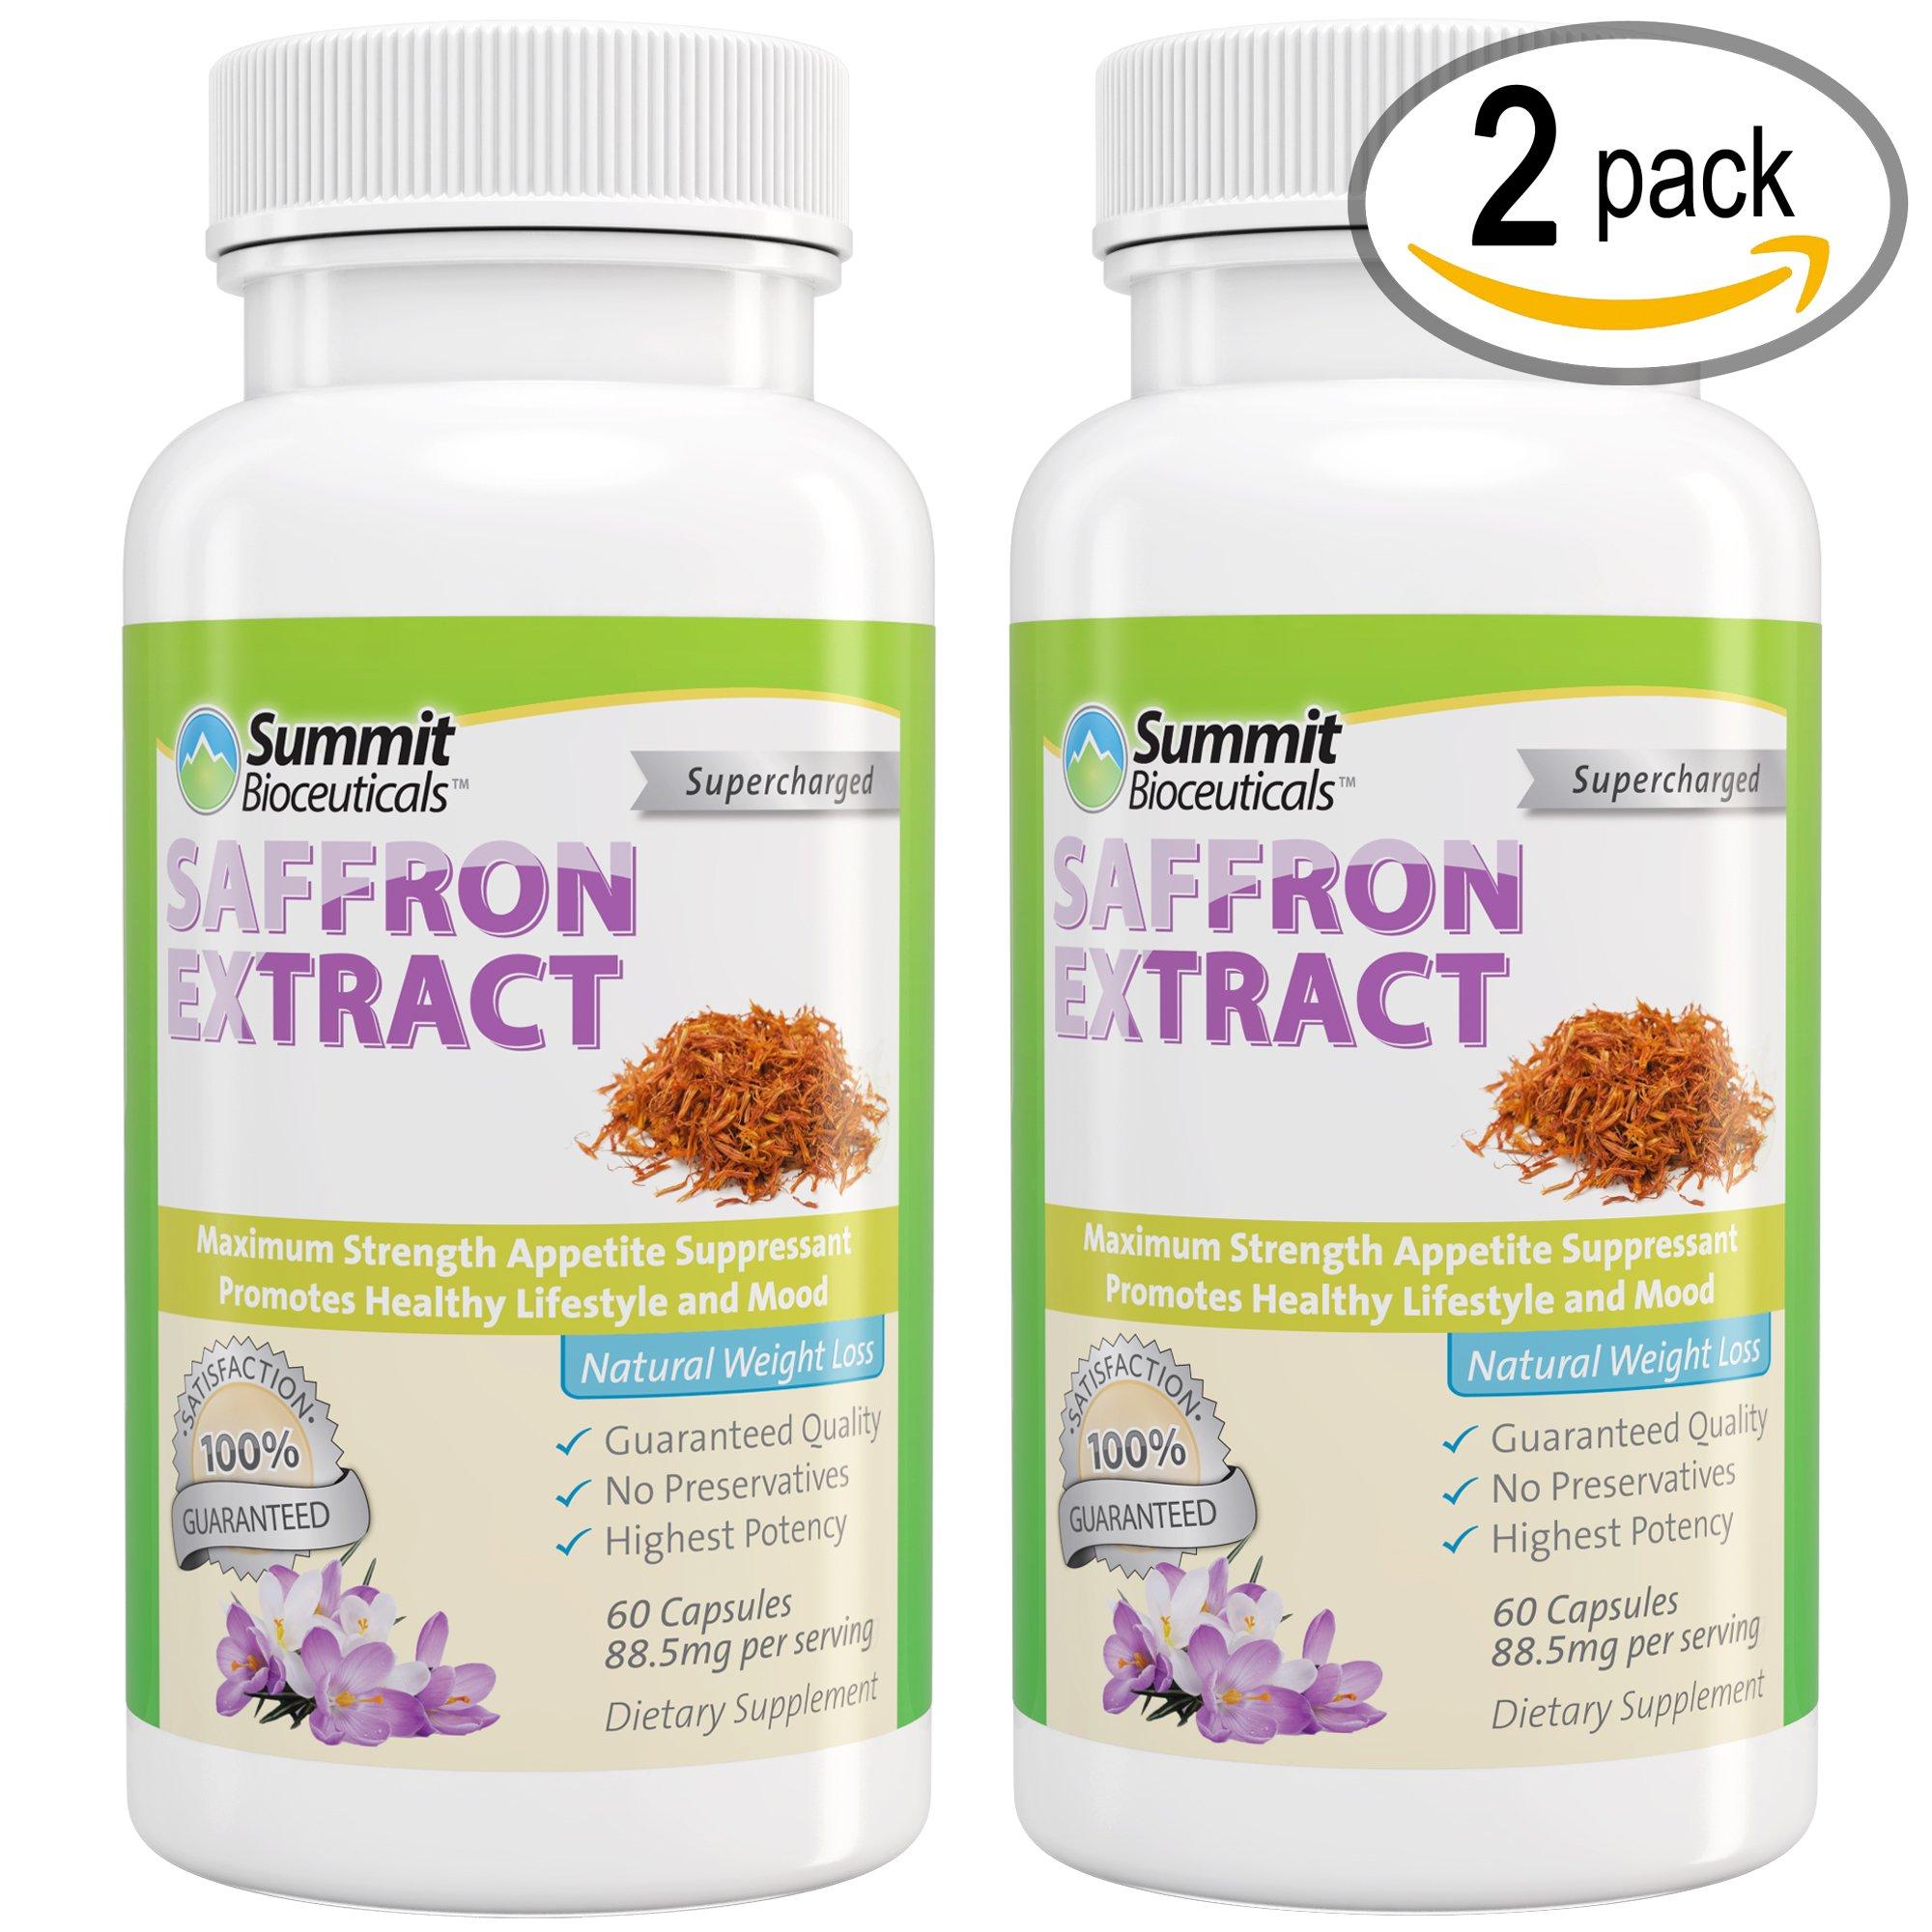 Summit Bioceuticals Saffron Extract (60 Day Supply) by Summit Bioceuticals